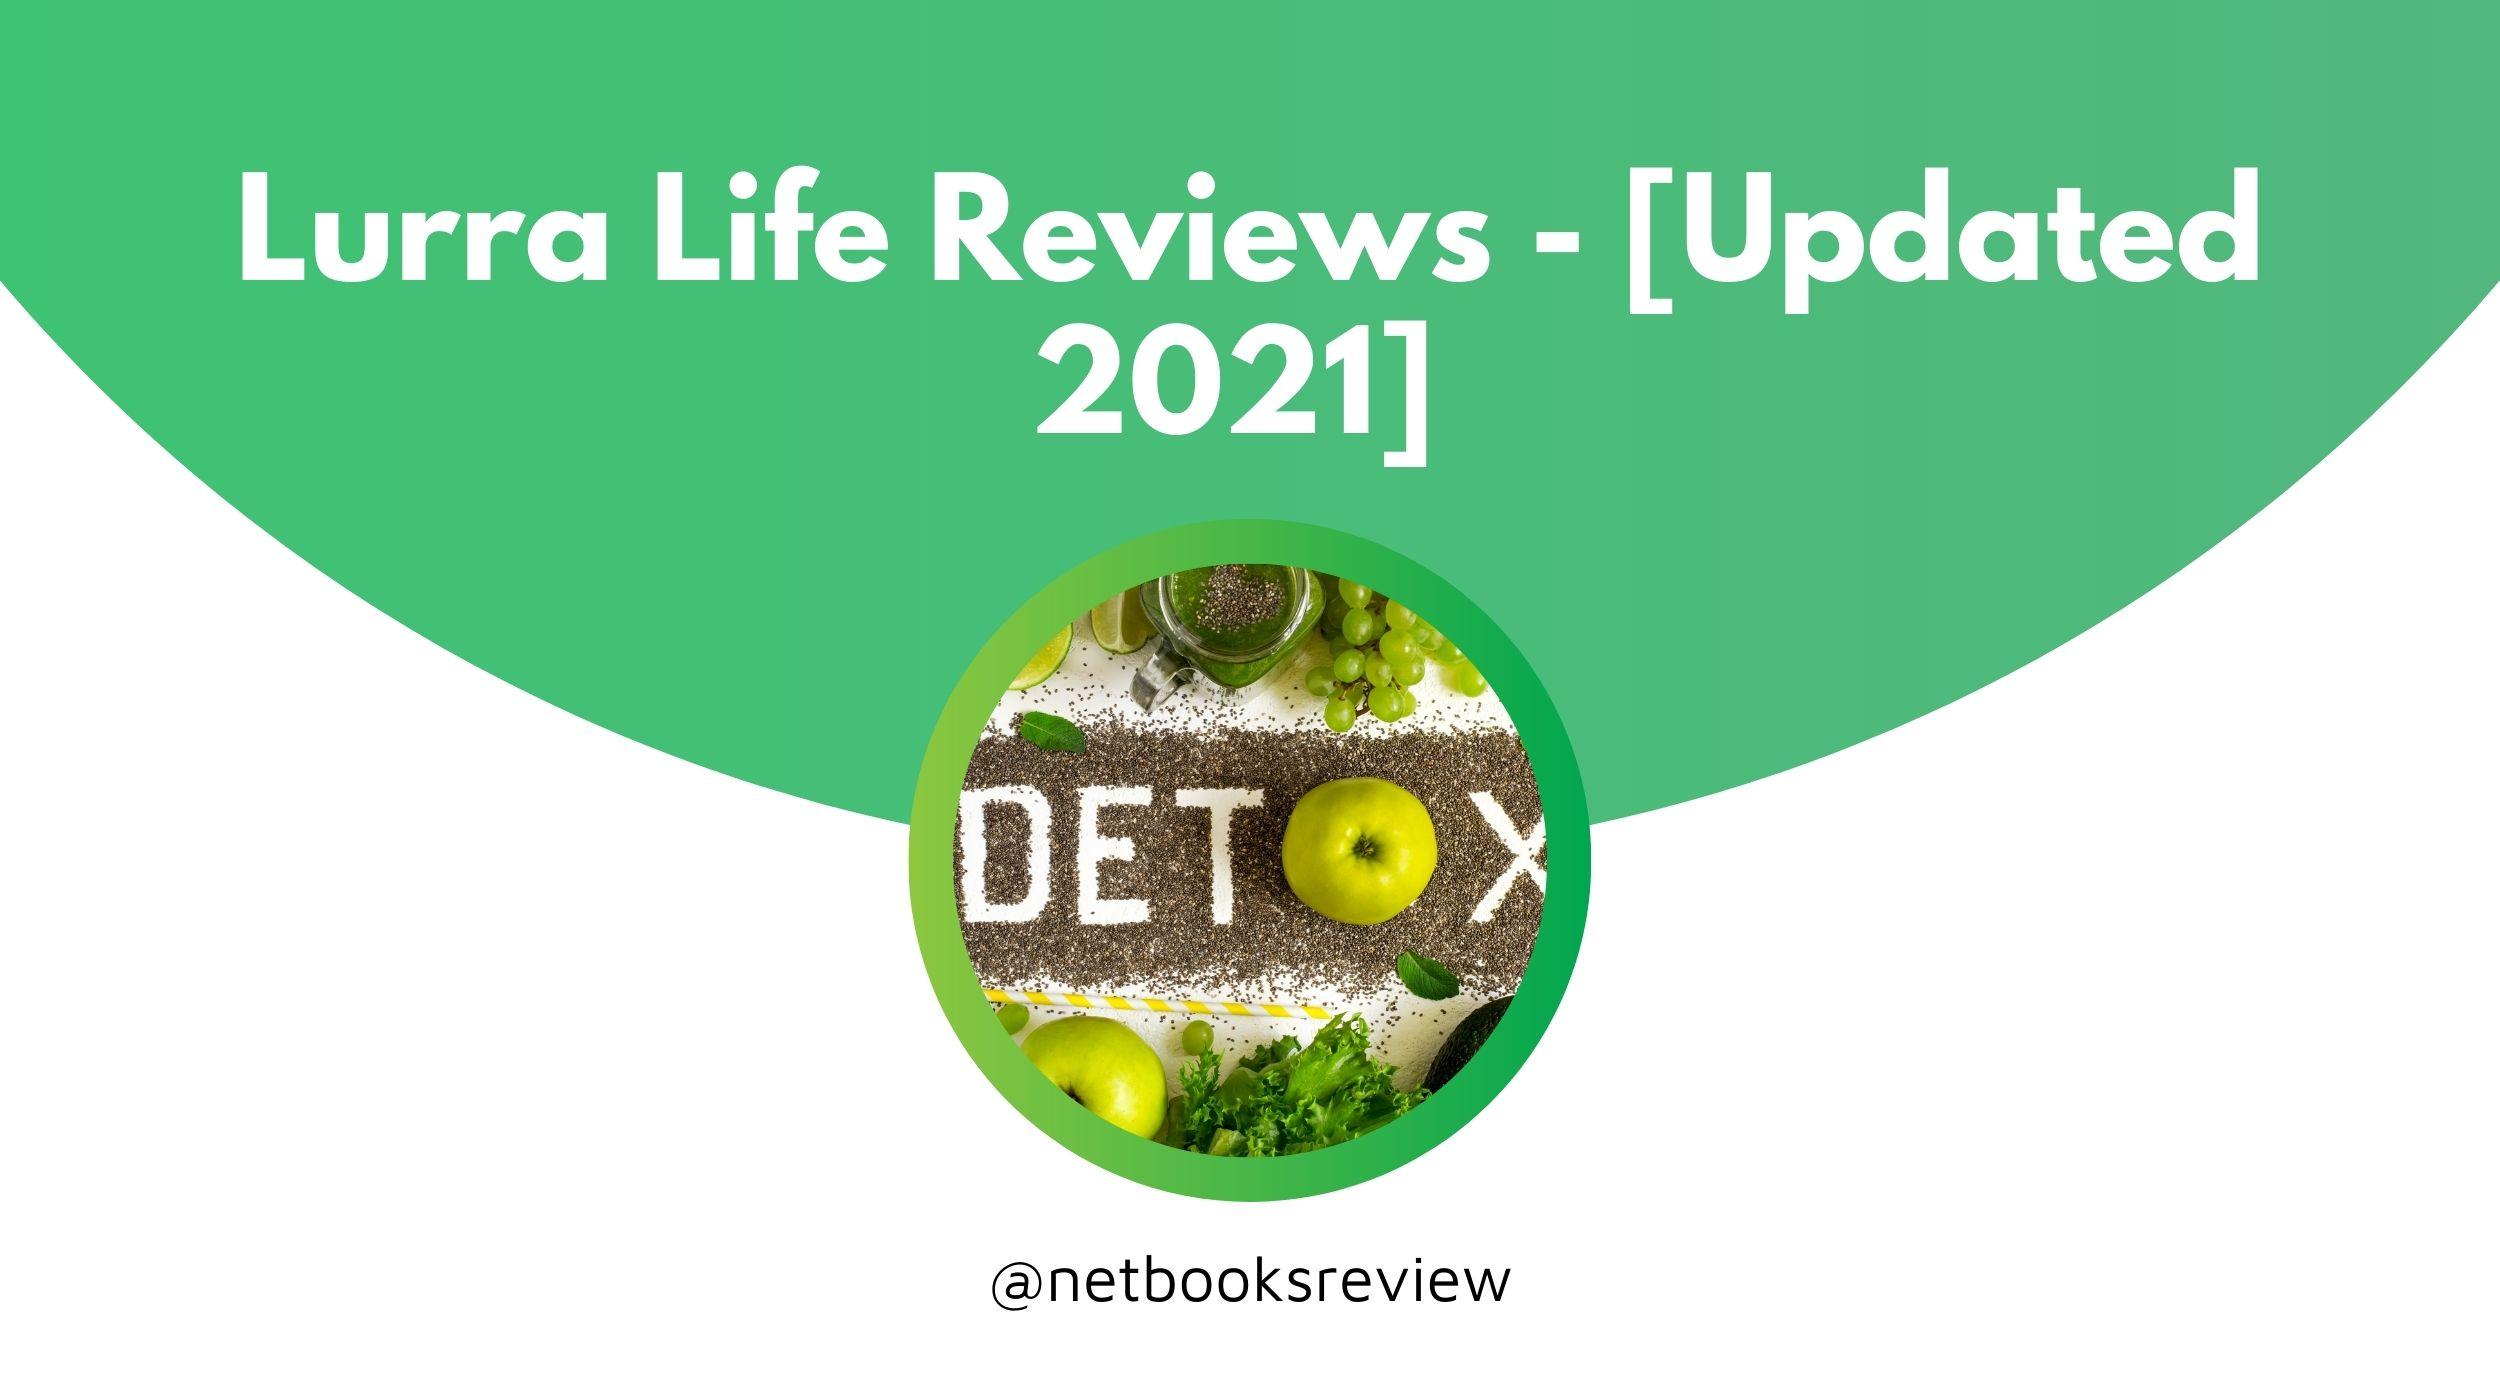 lurra life reviews 2021